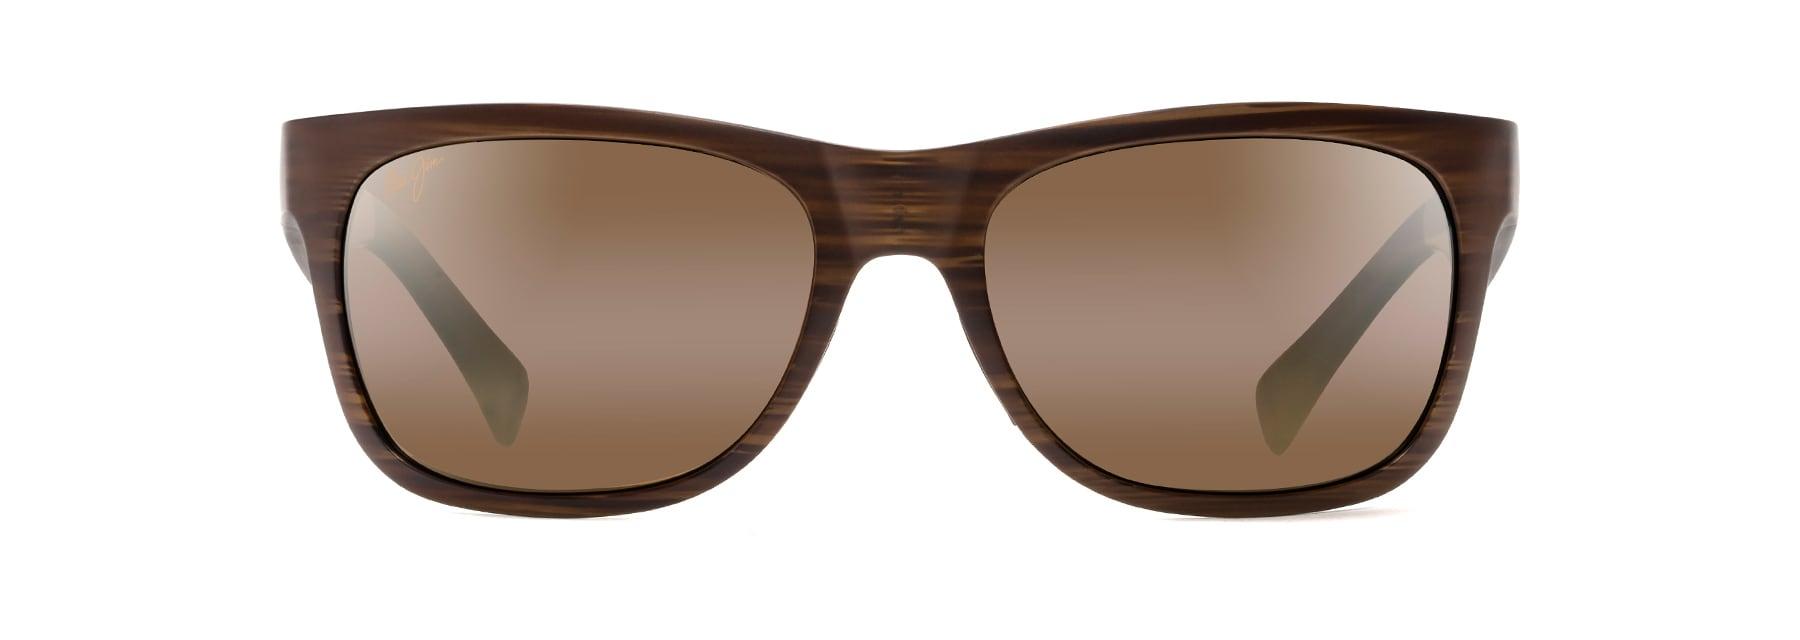 53f3aa9f72 Kahi Polarized Sunglasses